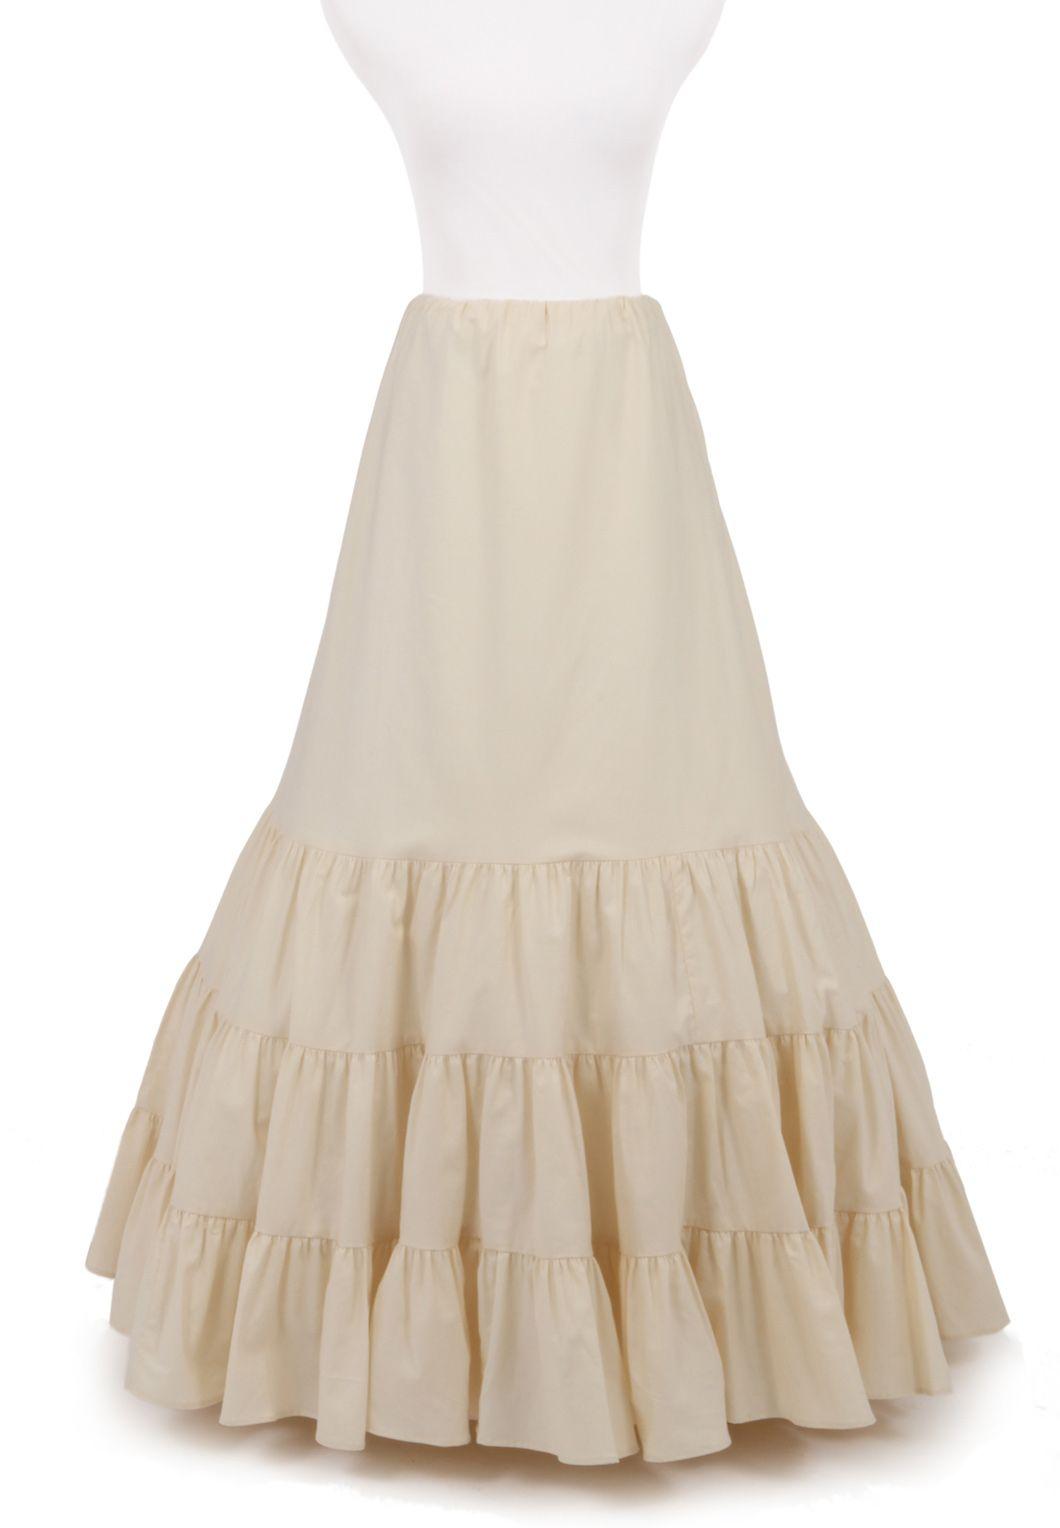 Victorian Style Skirt Linen Petticoat Ruffle Linen Skirt Victorian Style Petticoat Black Linen Skirt Black Linen Petticoat Linen Skirt